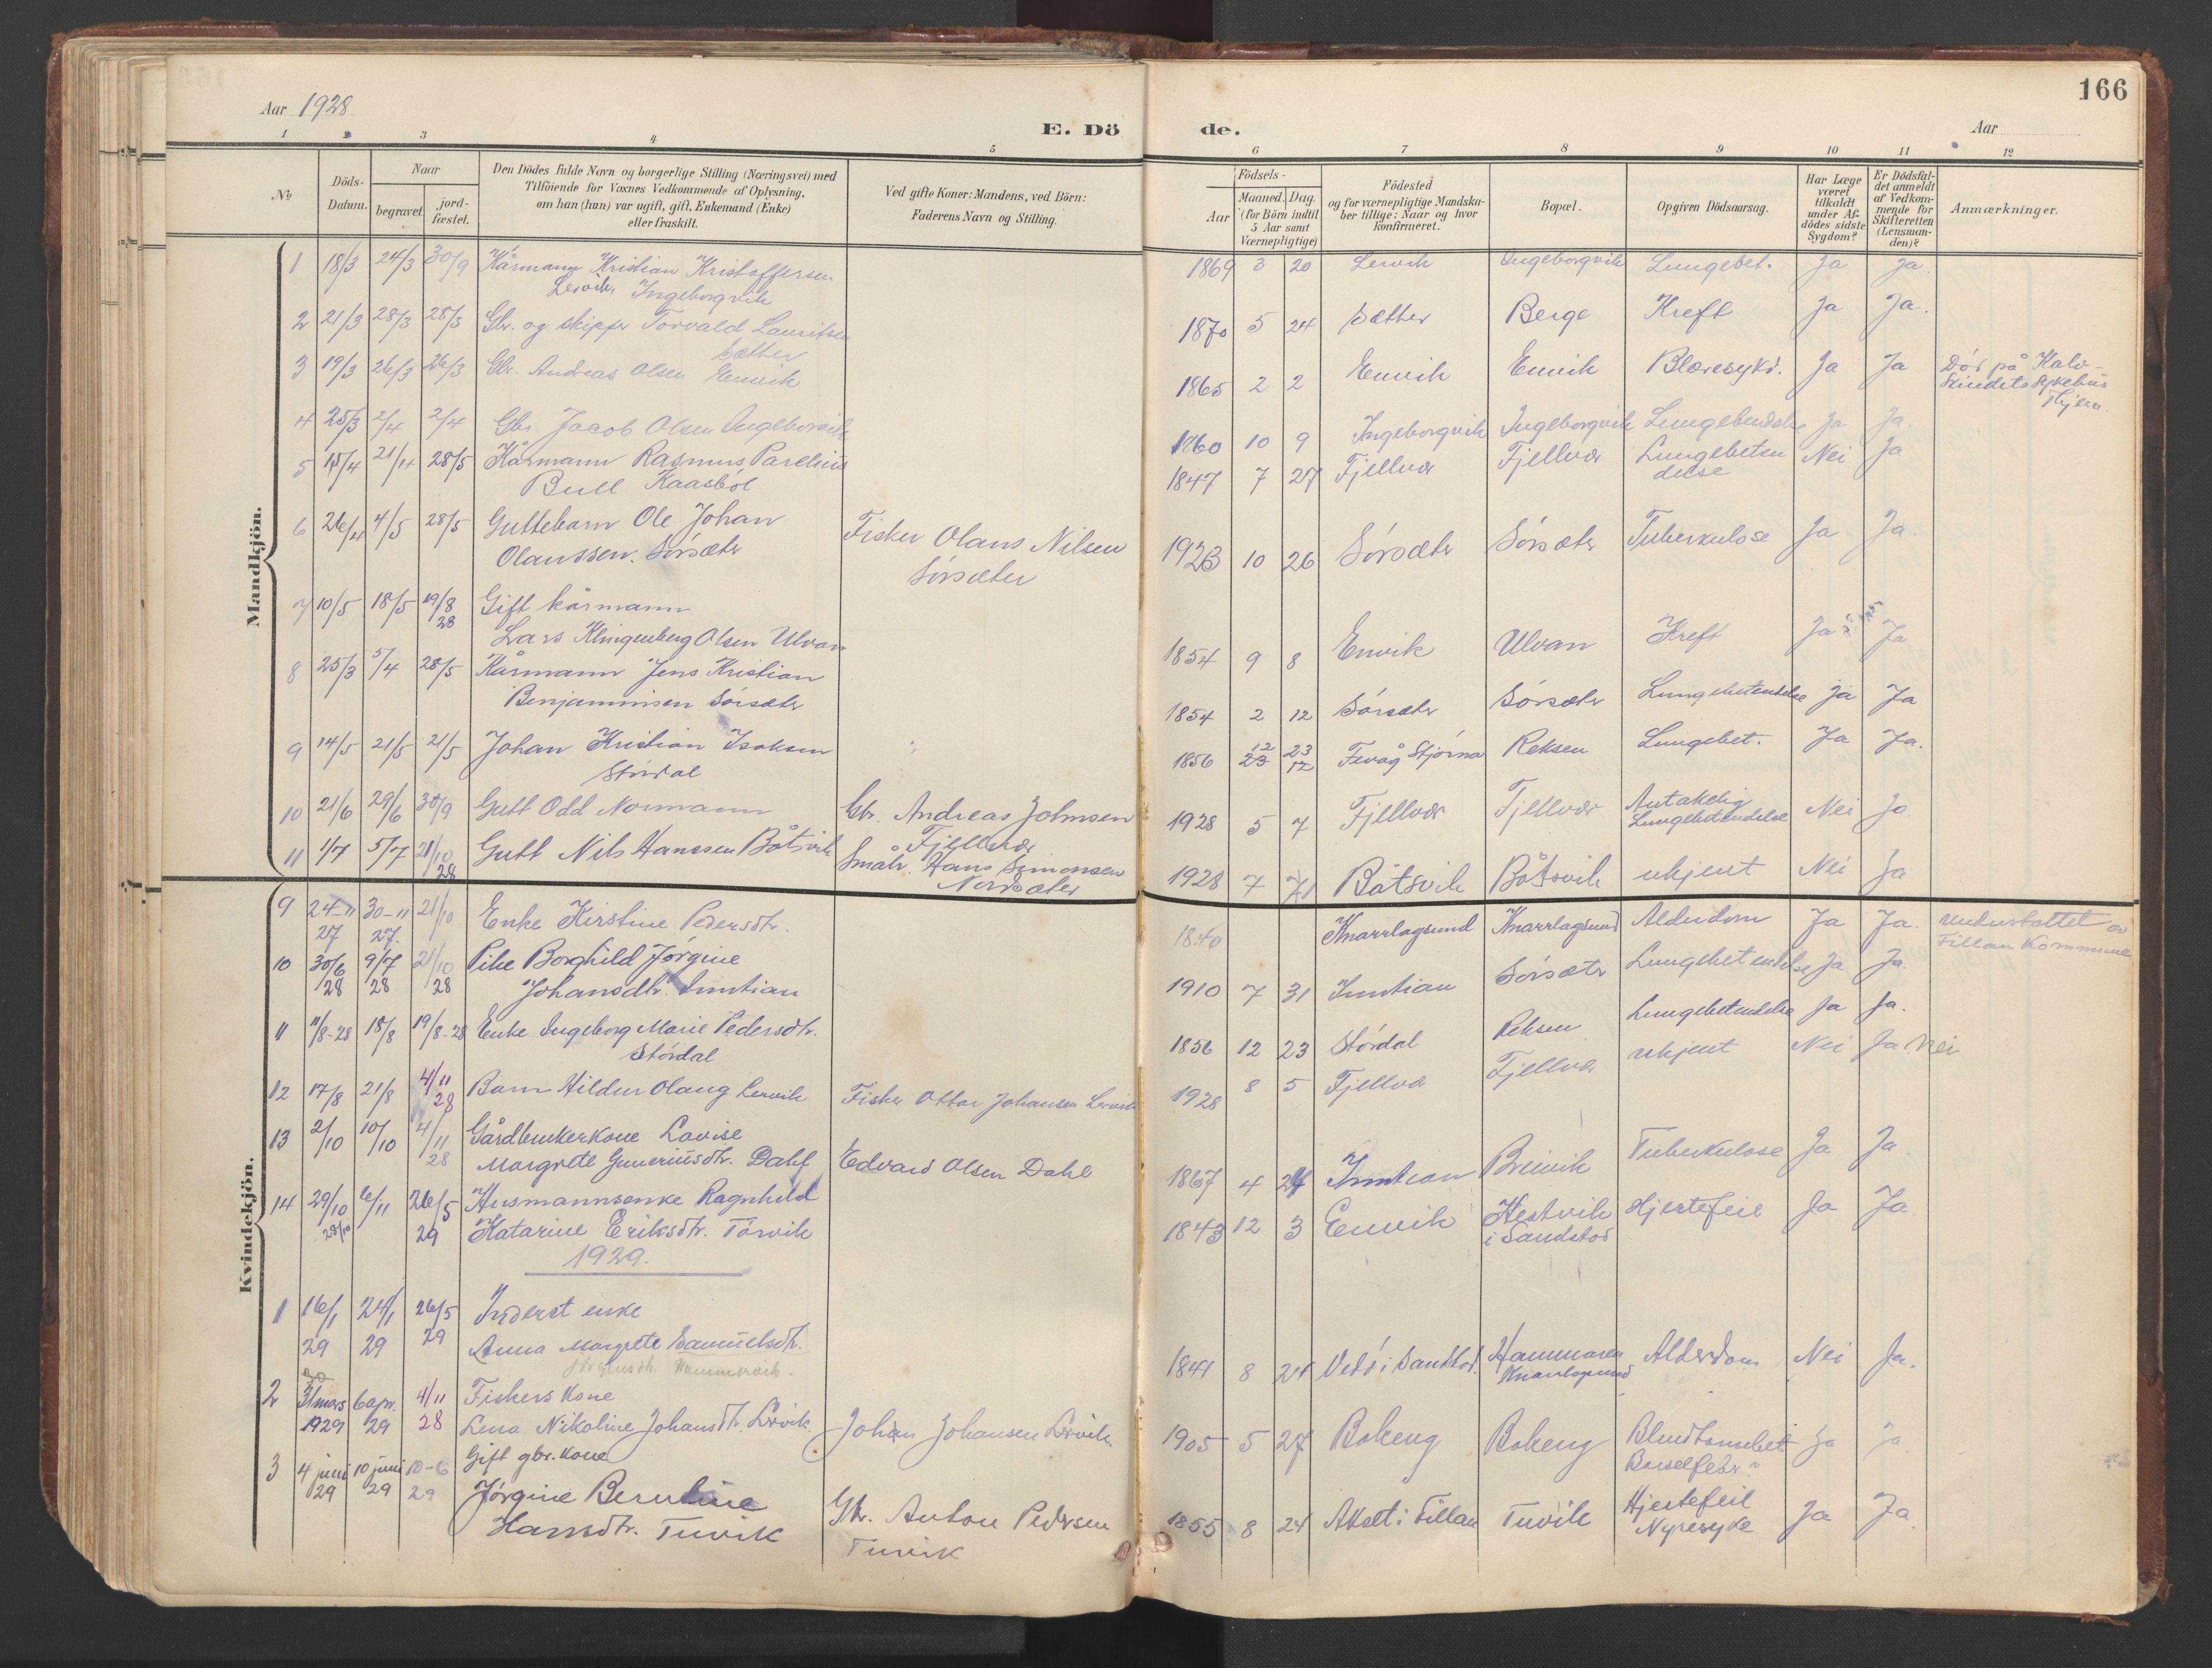 SAT, Ministerialprotokoller, klokkerbøker og fødselsregistre - Sør-Trøndelag, 638/L0571: Klokkerbok nr. 638C03, 1901-1930, s. 166